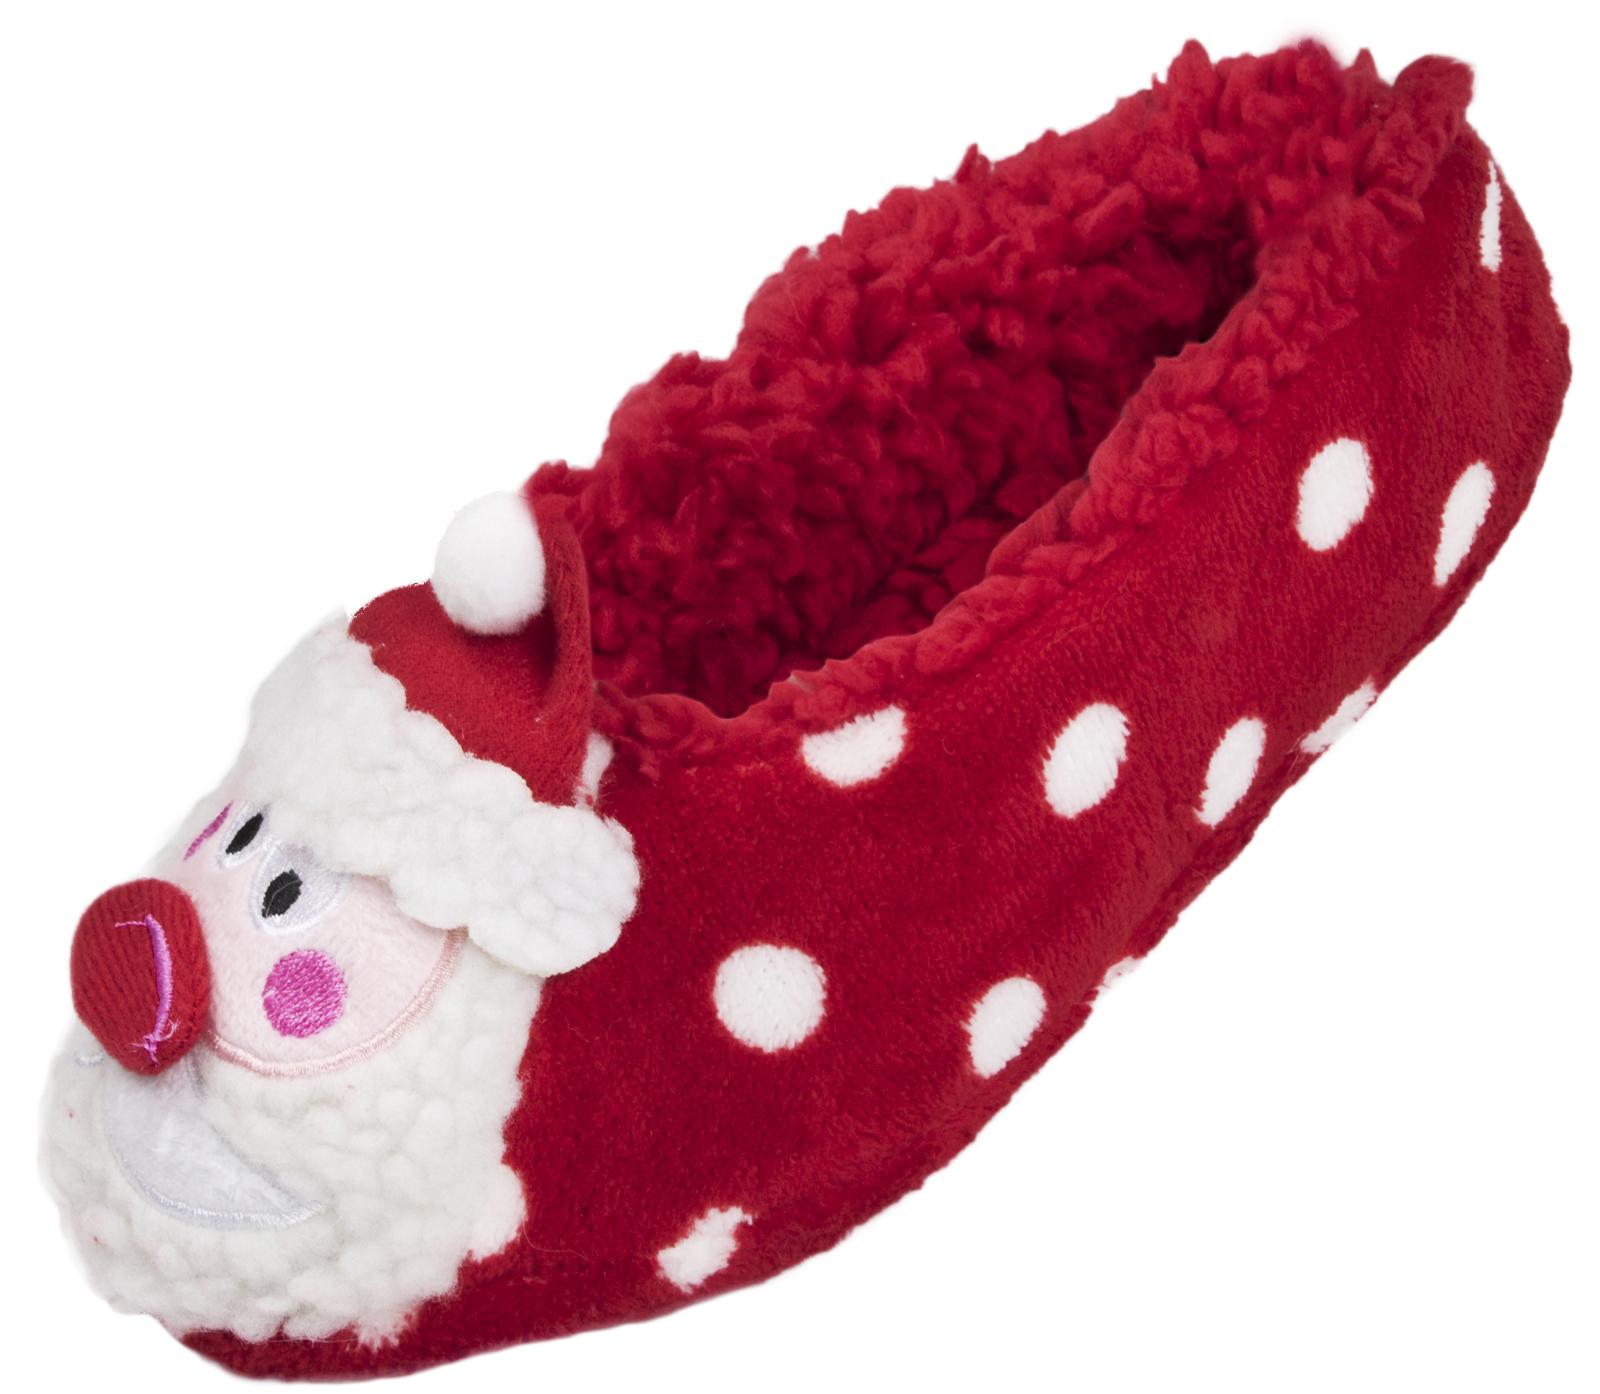 Ladies Christmas Slipper Socks 3D Xmas